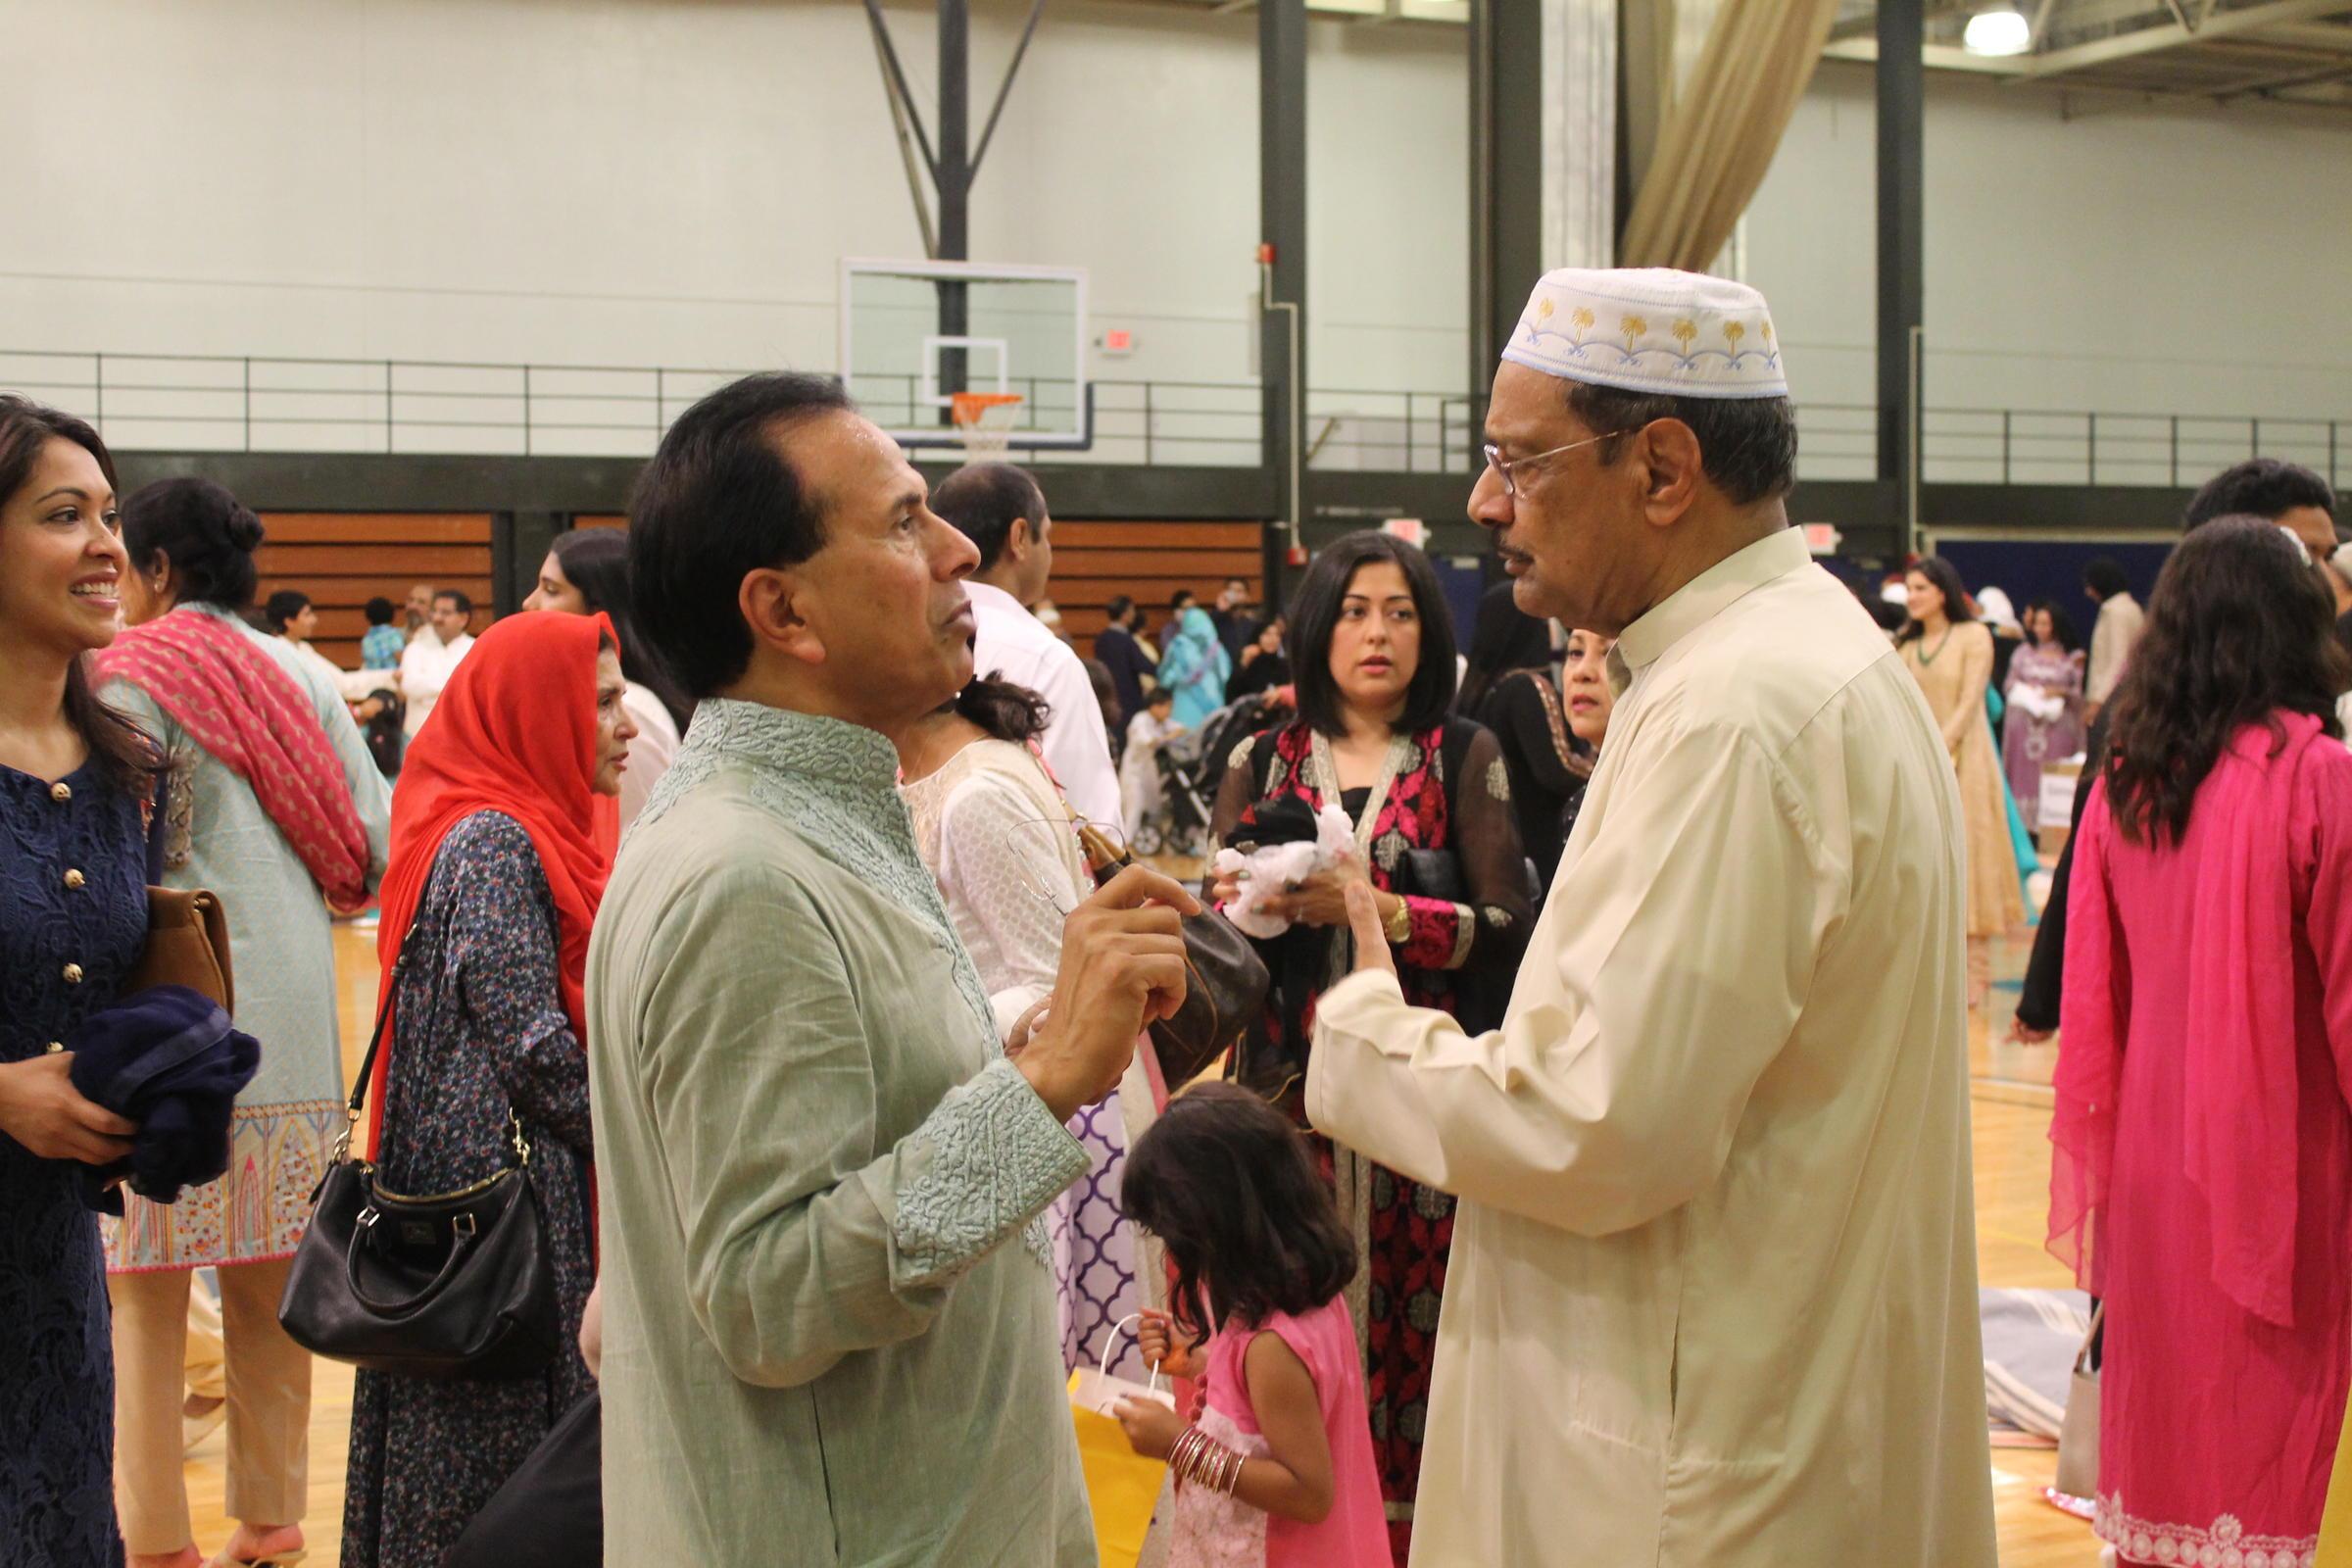 Reflections On Ramadan St Louis Muslims Celebrate Break The Fast